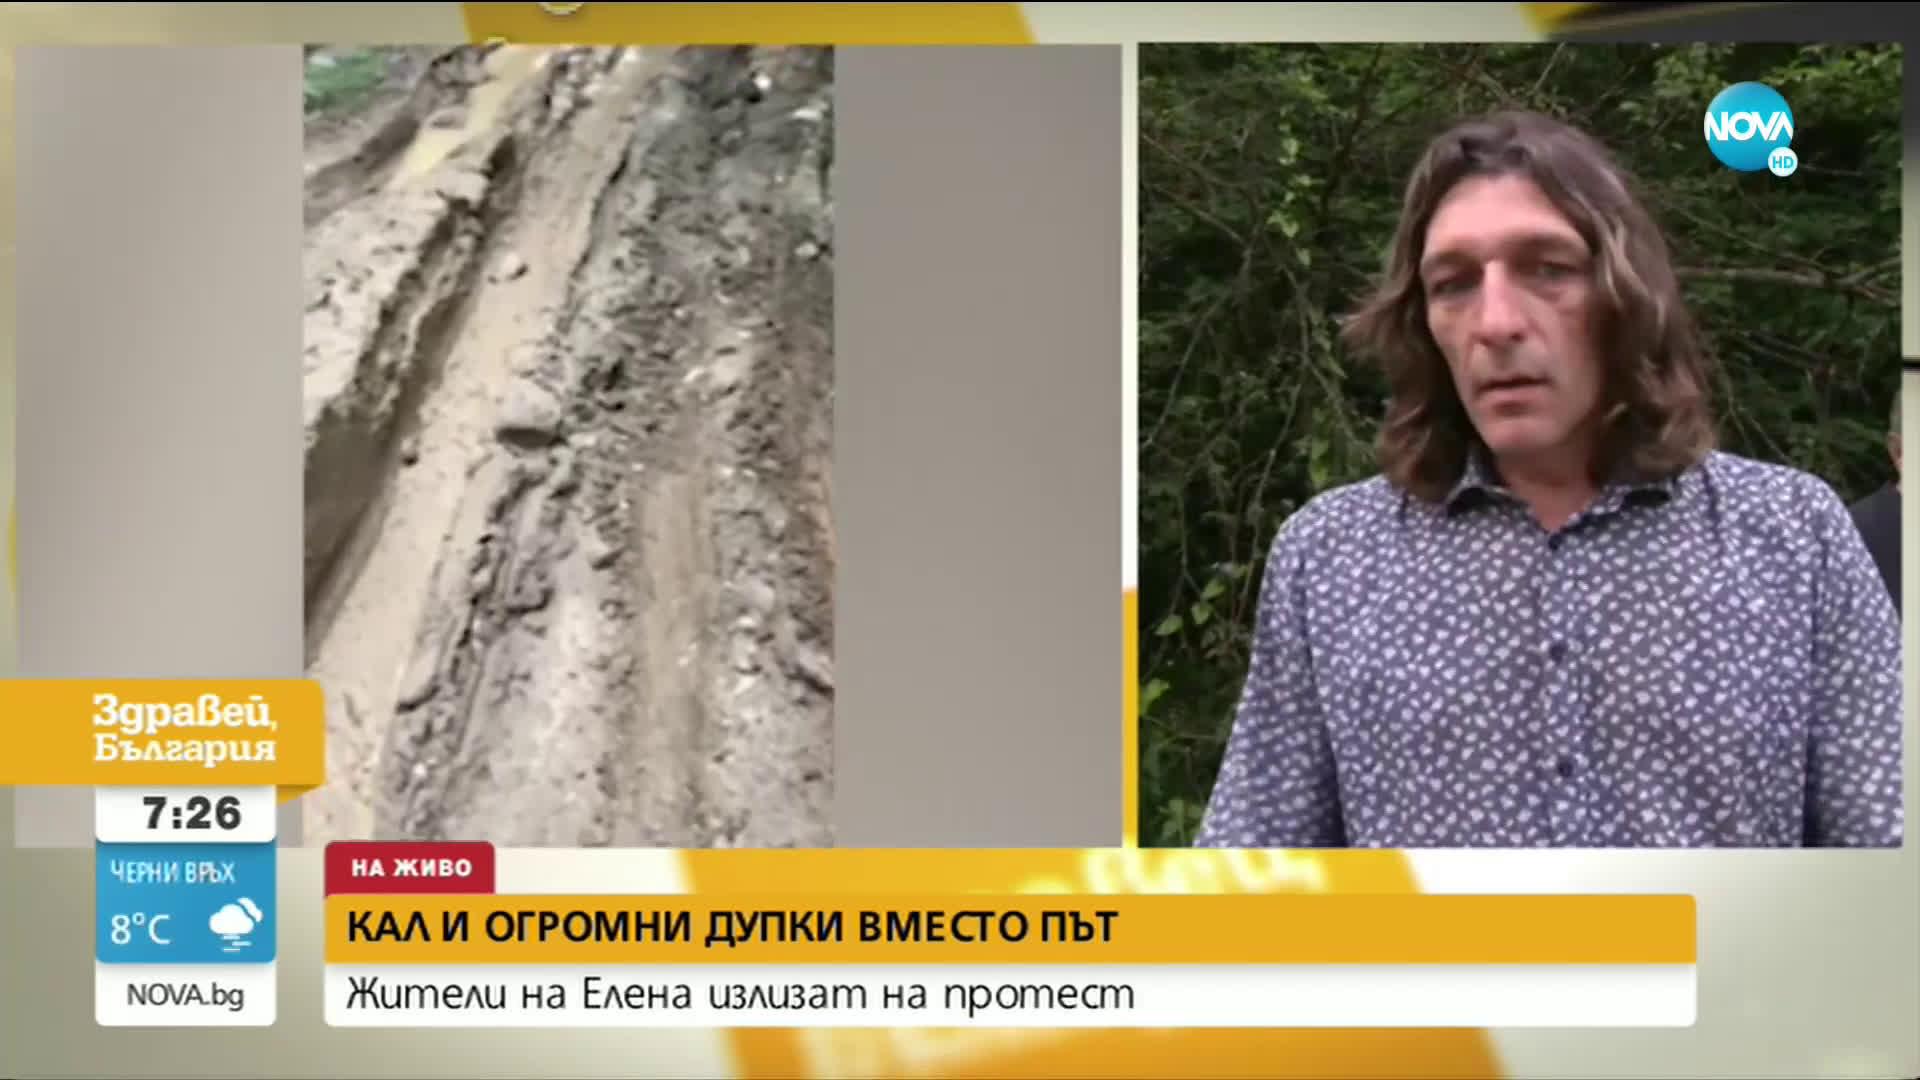 Кал и огромни дупки: В Елена излизат на протест заради лош път